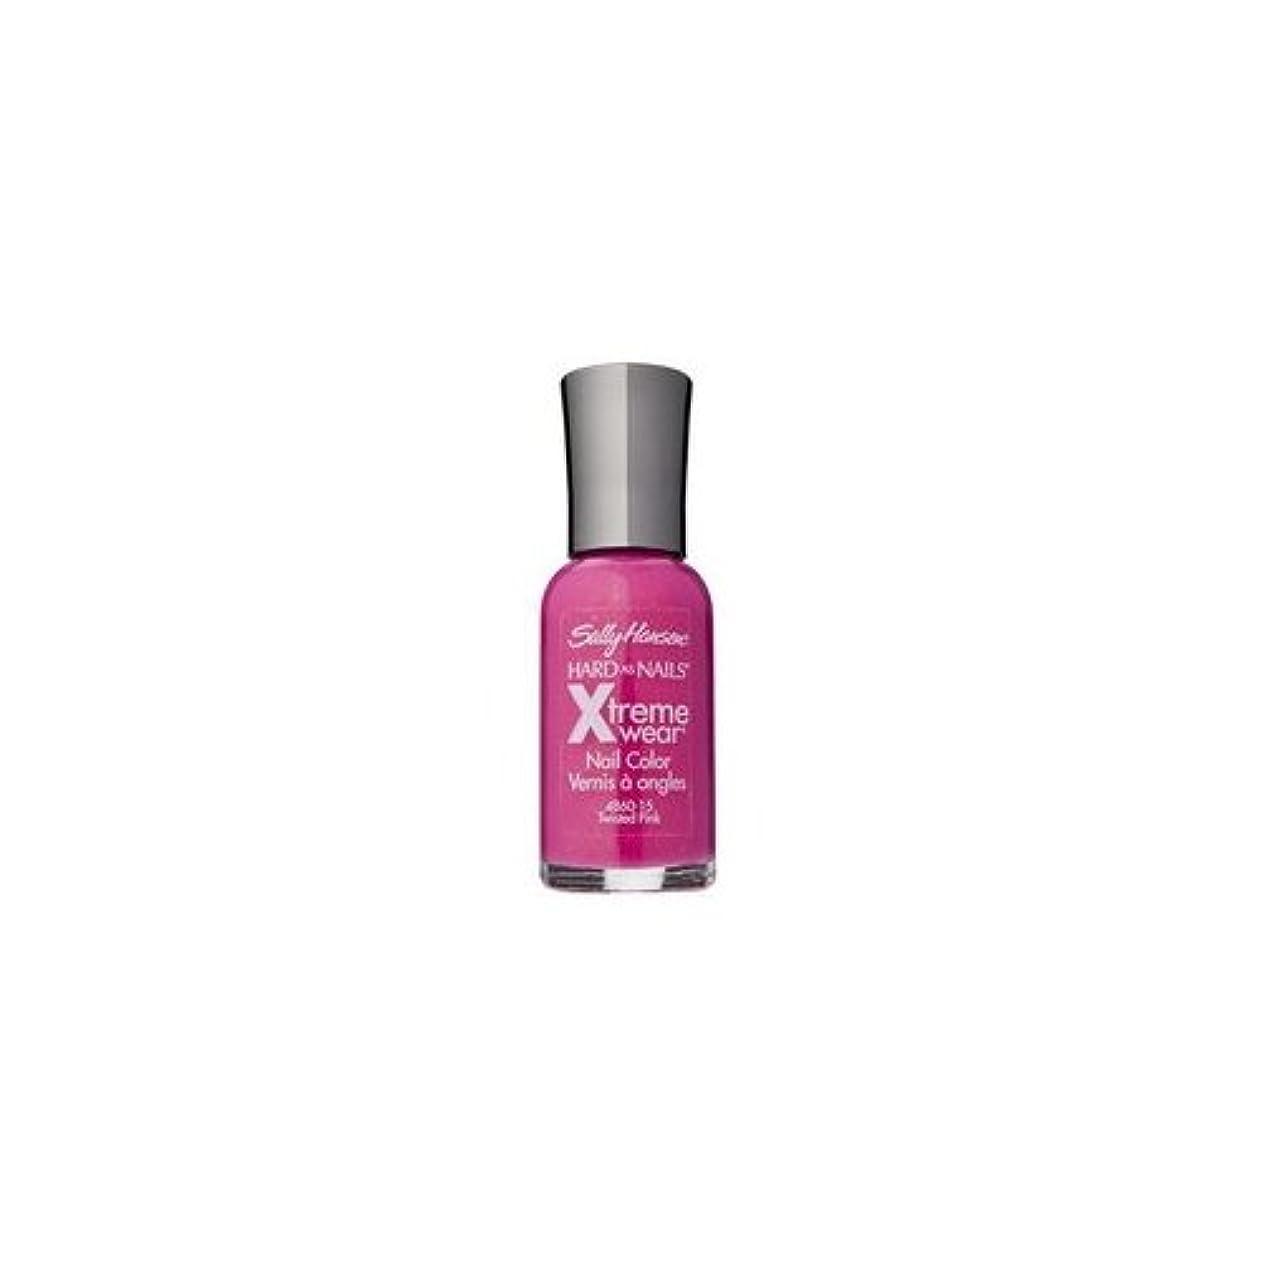 指定位置づける筋(3 Pack) SALLY HANSEN Hard As Nails Xtreme Wear - Twisted Pink (並行輸入品)